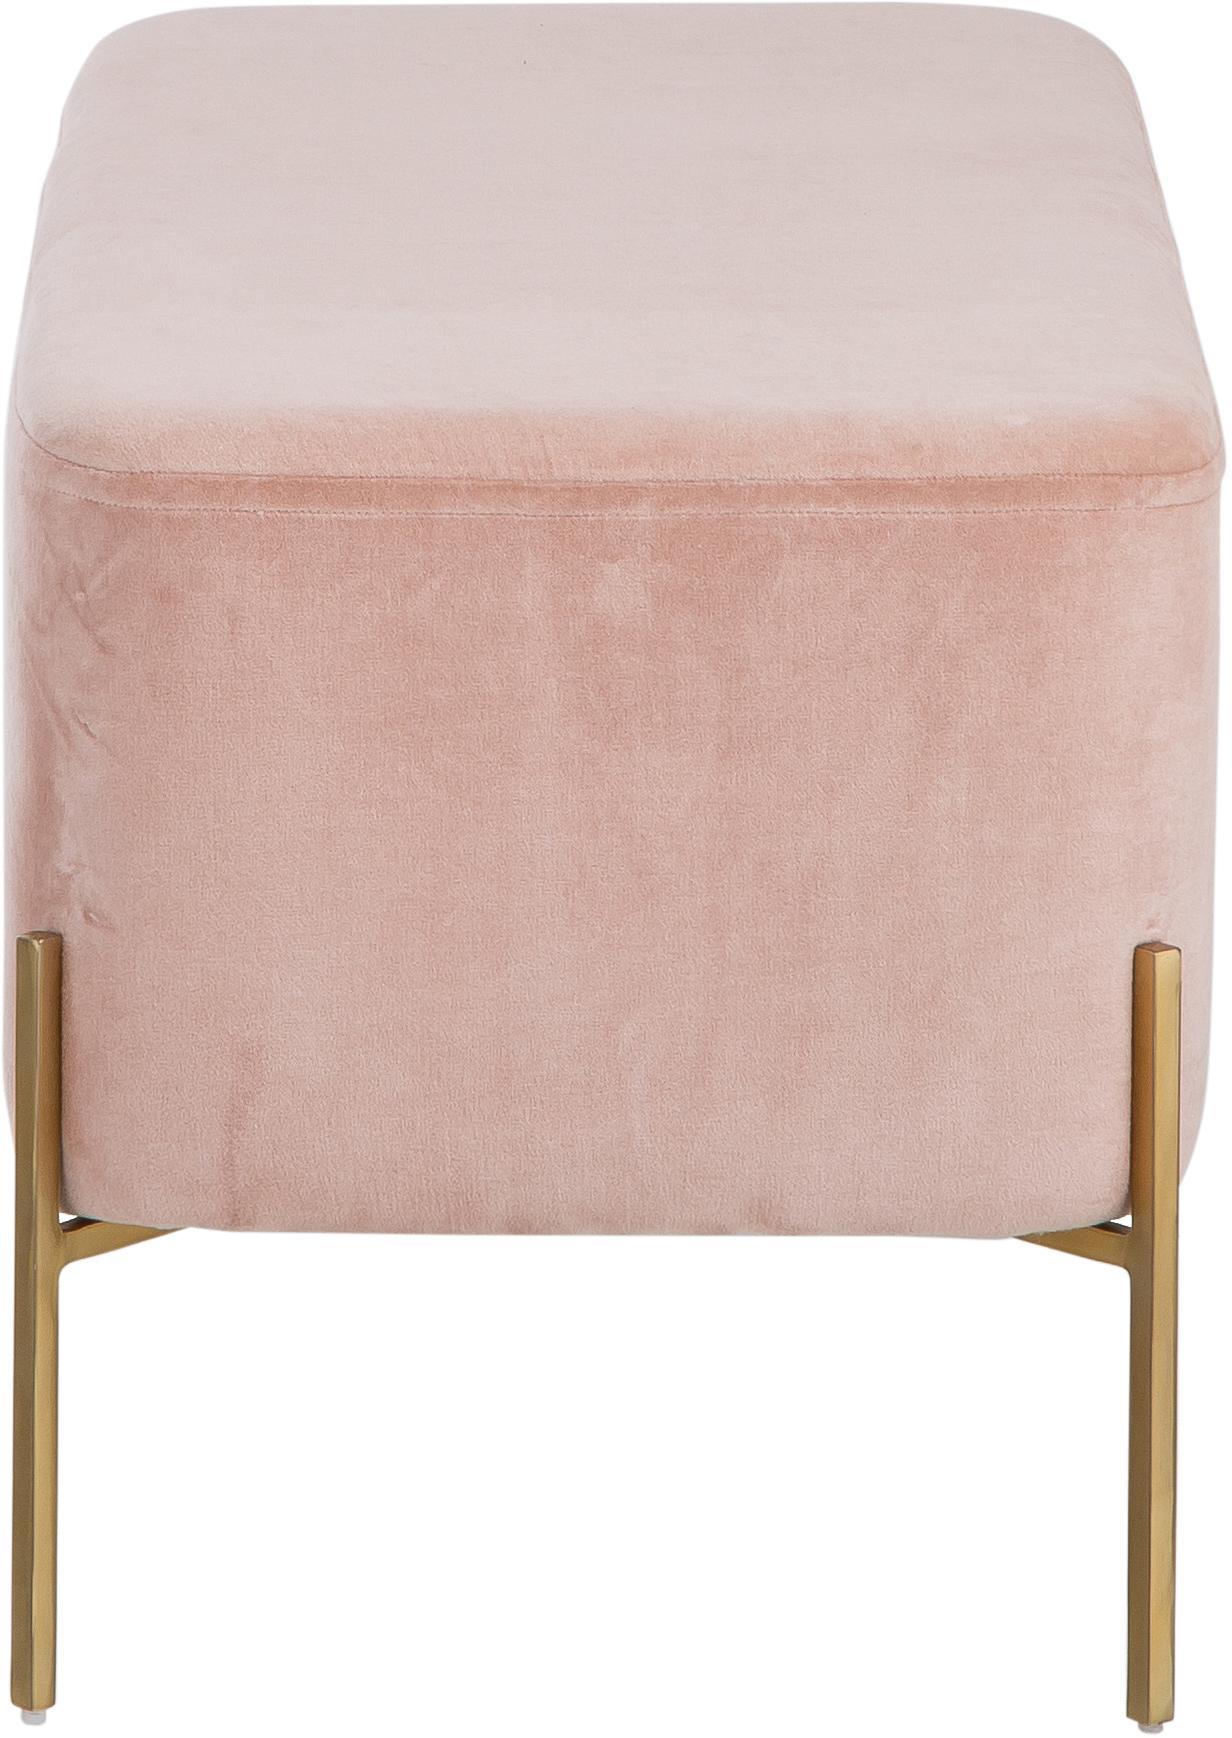 Banco de terciopelo Harper, Tapizado: terciopelo de algodón, Palo rosa, dorado, An 90 x Al 44 cm